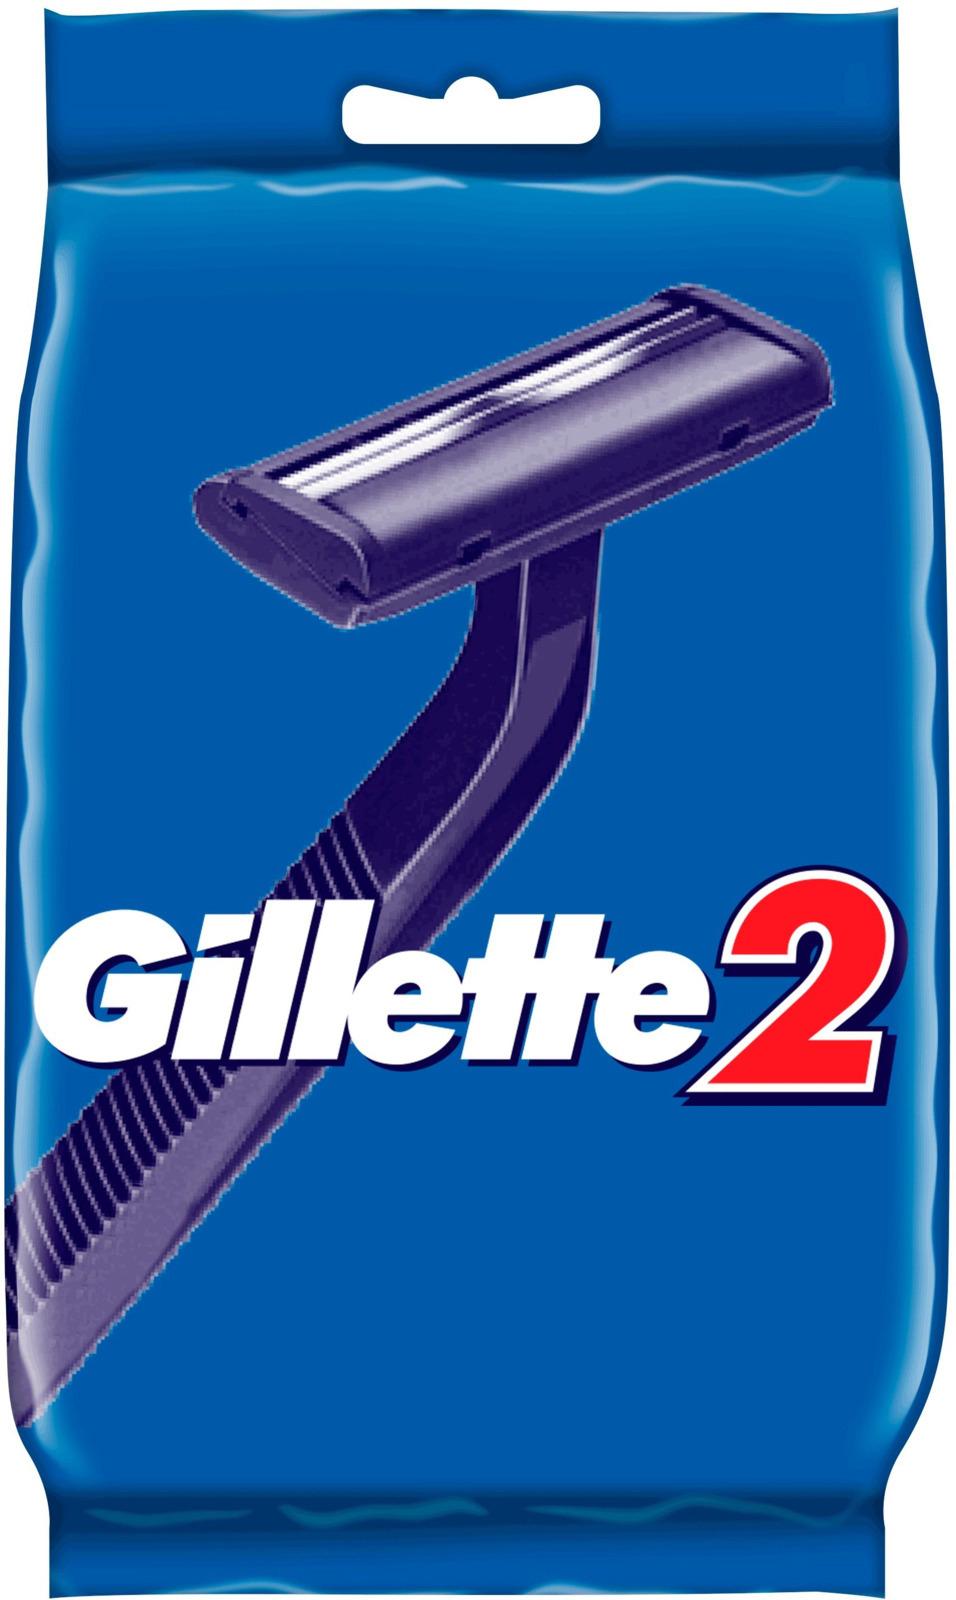 Одноразовые Мужские Бритвы Gillette2, 5 шт одноразовые бритвы для женщин gillette venus 3 3шт